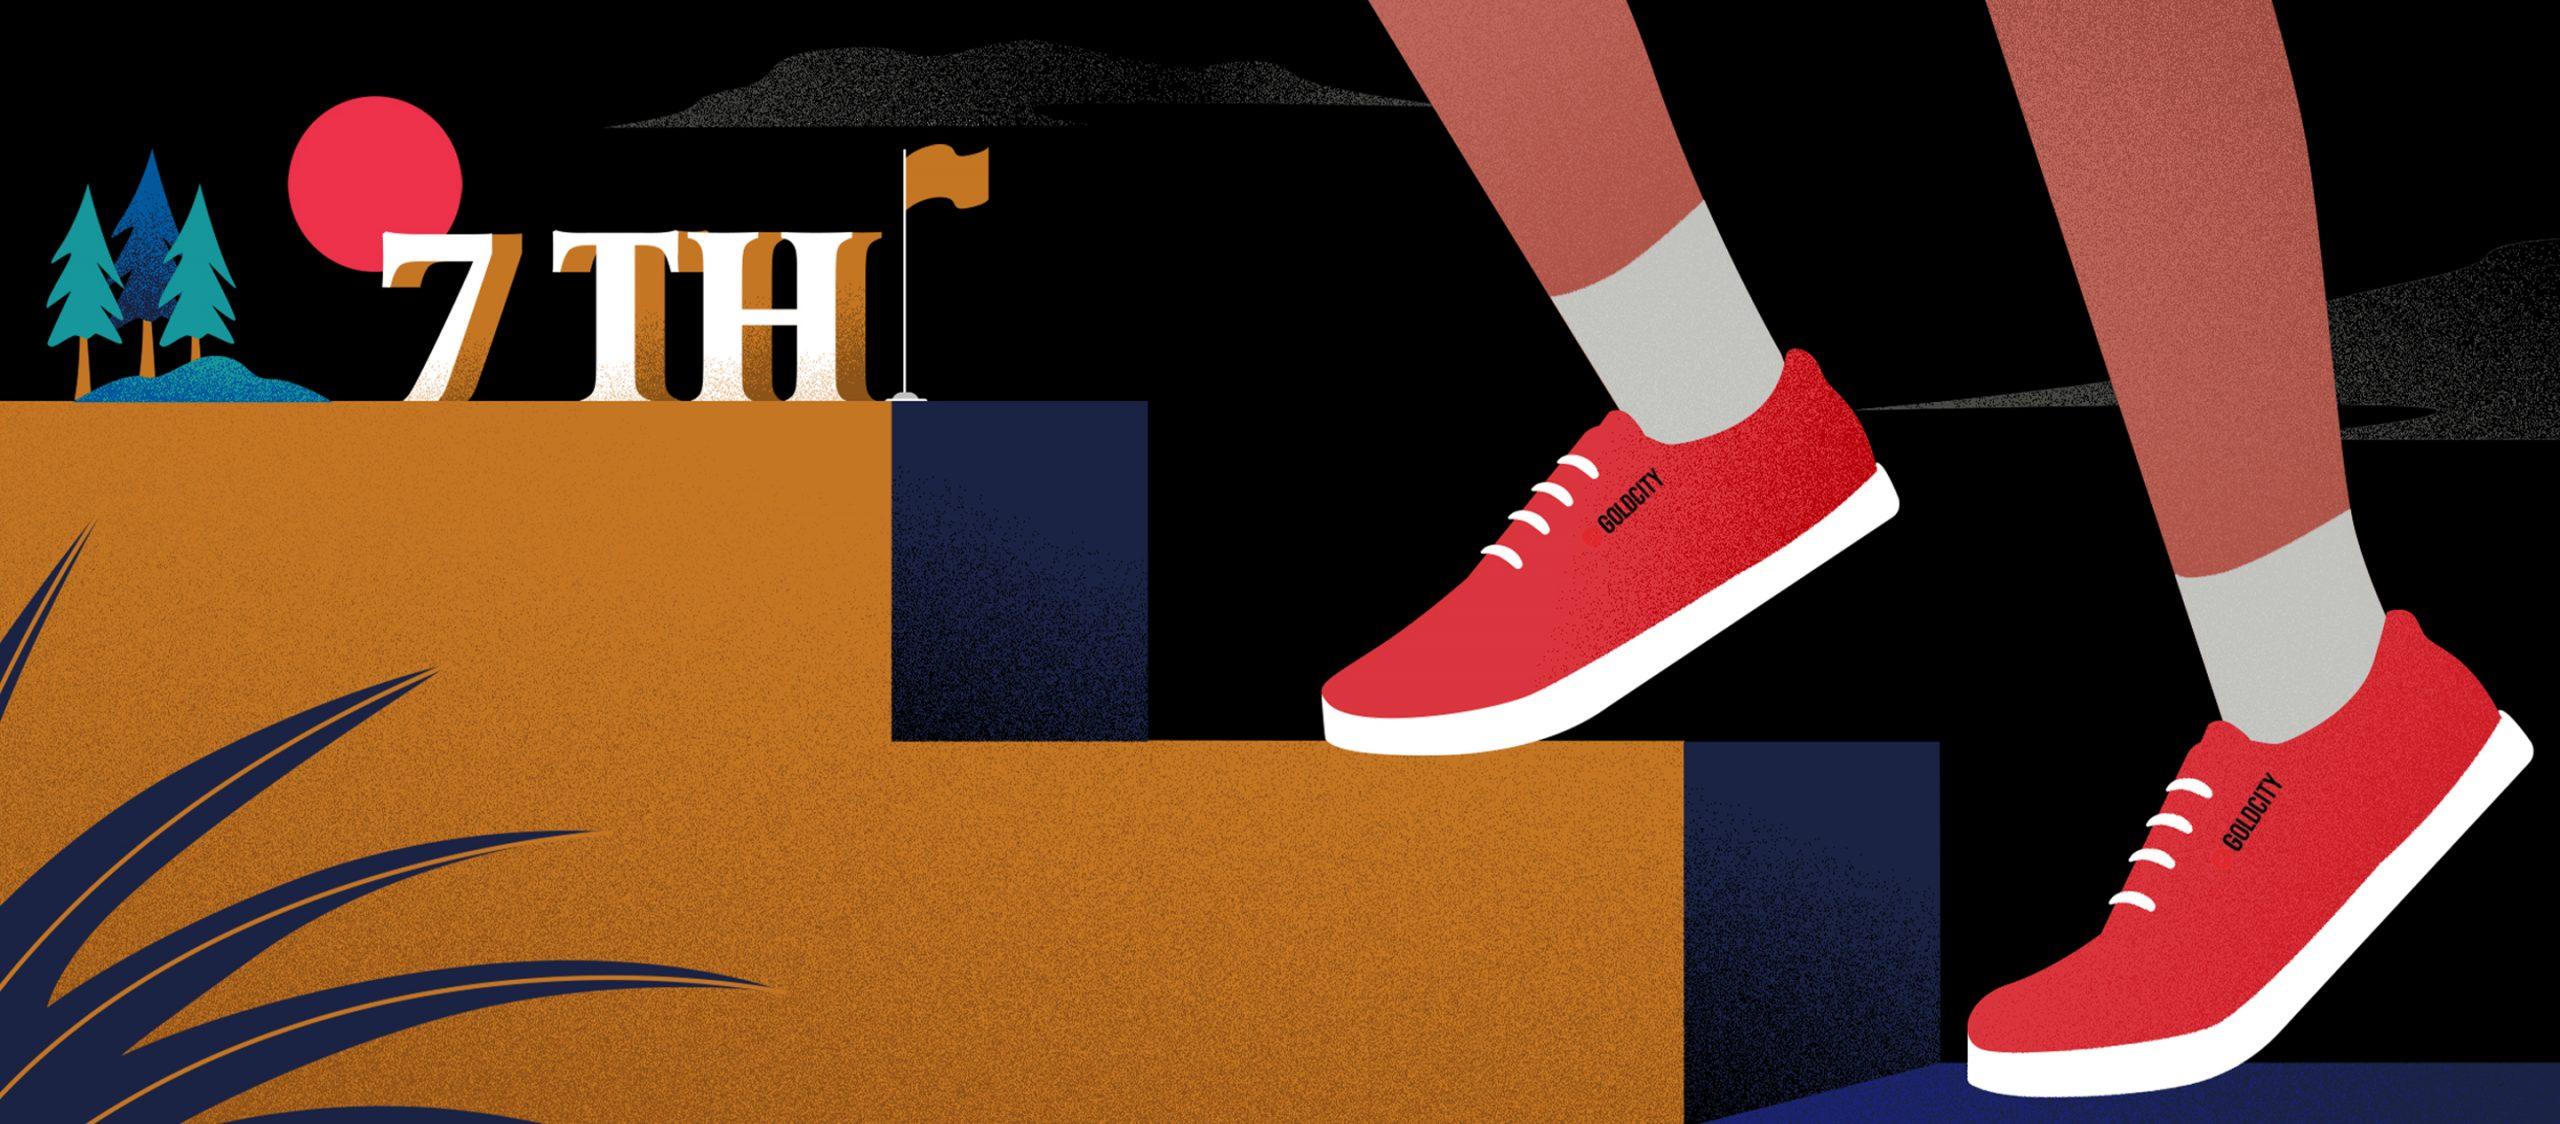 7 ก้าวสู่การเปลี่ยนแปลงของ GOLDCITY จากรองเท้านักเรียนสู่สนีกเกอร์ที่ออกแบบโดยจิตต์สิงห์ สมบุญ